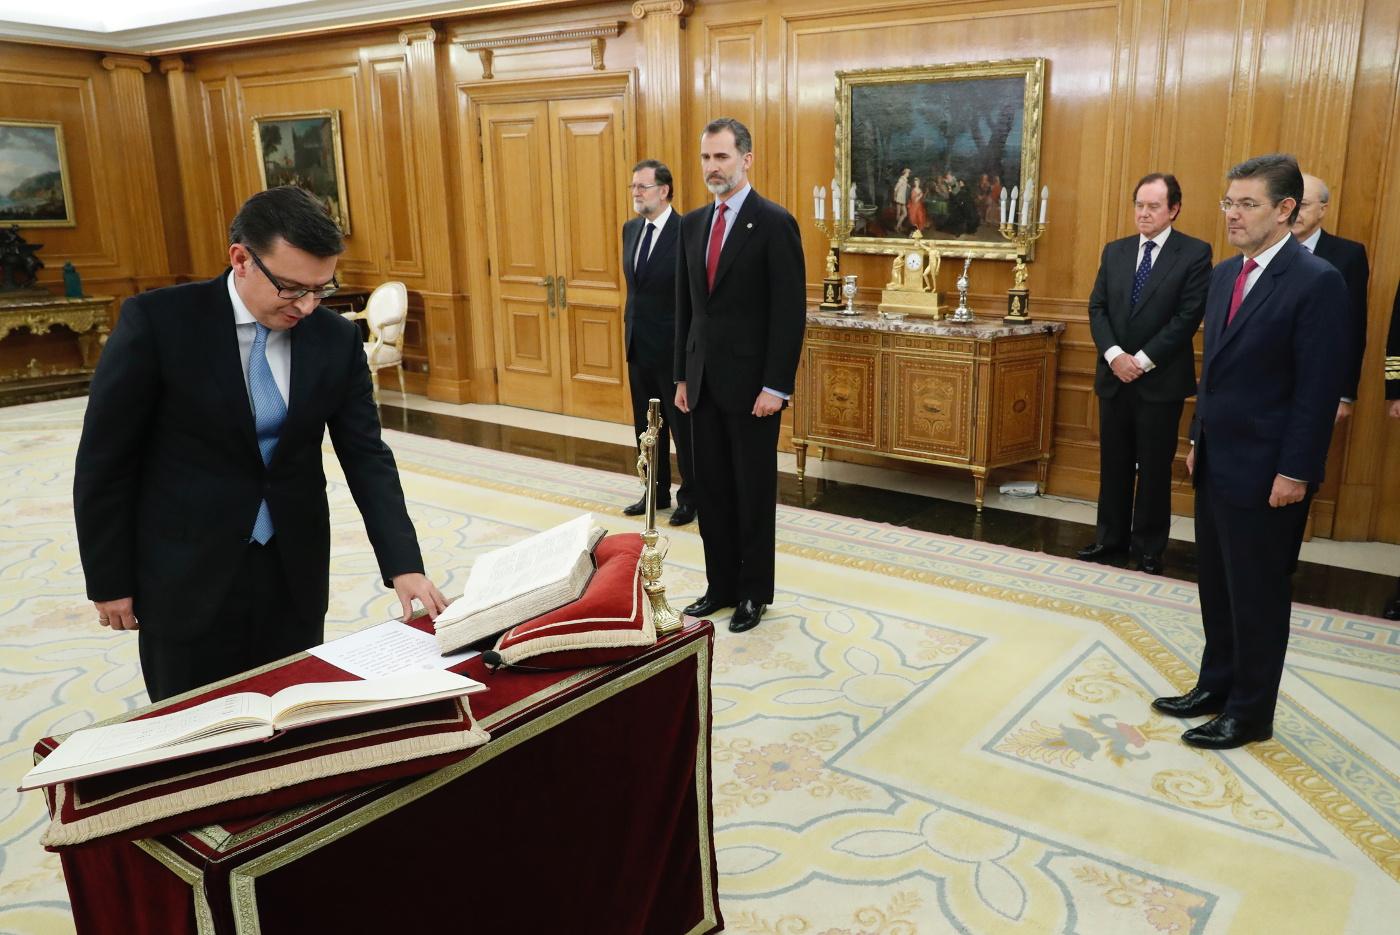 Constitución Archivos Protocolo Y Eventos Carlos Fuente